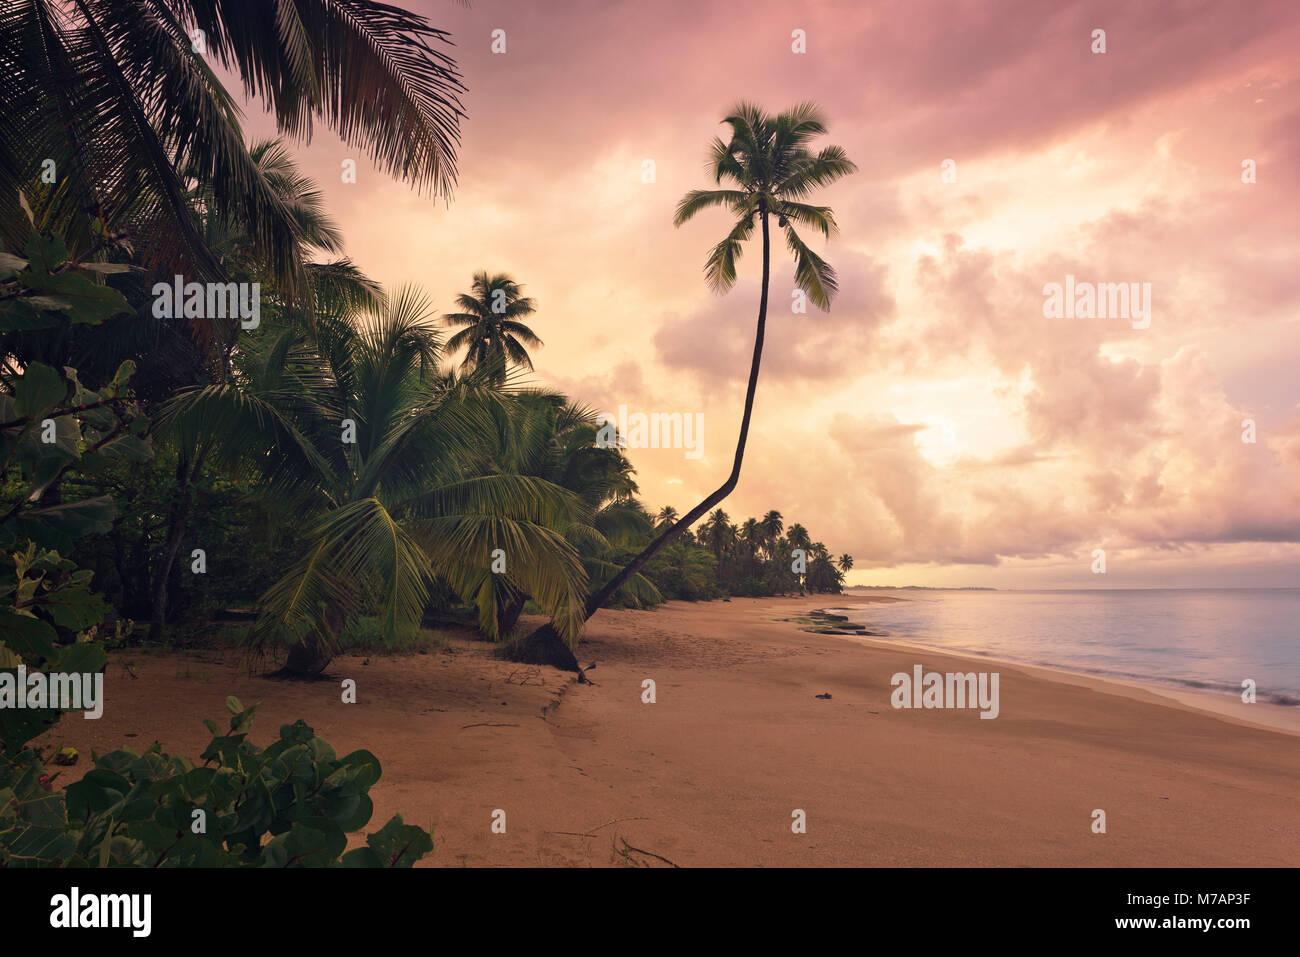 Caribe playa de ensueño en el atardecer, Punta vacia, Puerto Rico Imagen De Stock